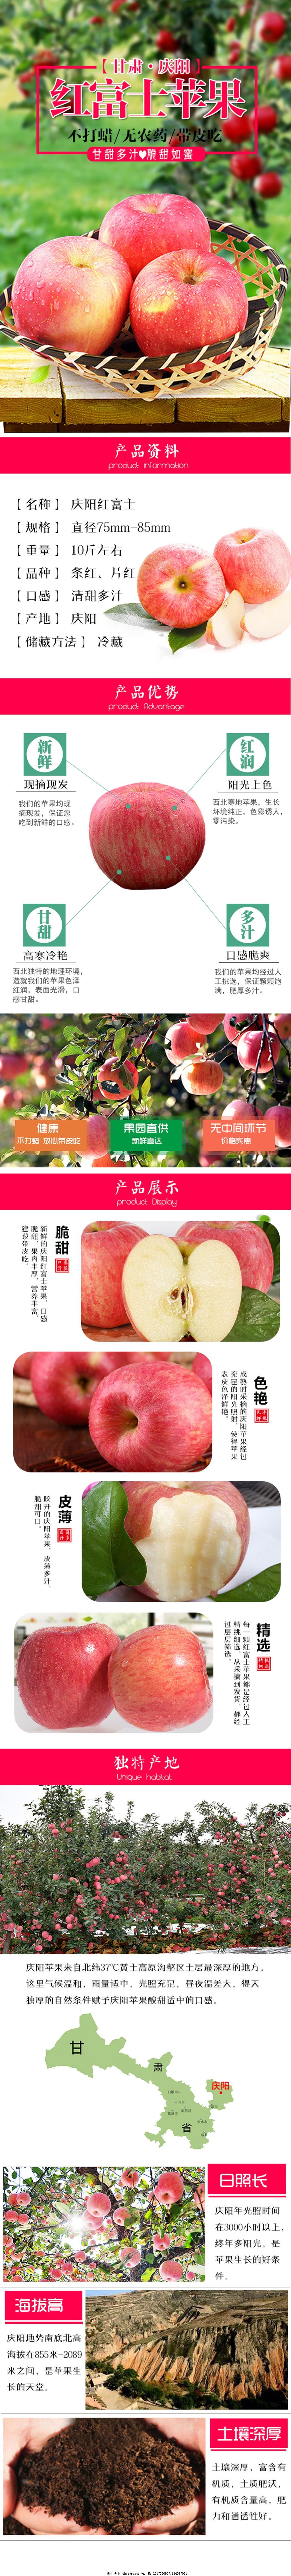 苹果详情页 生鲜 模板 食品